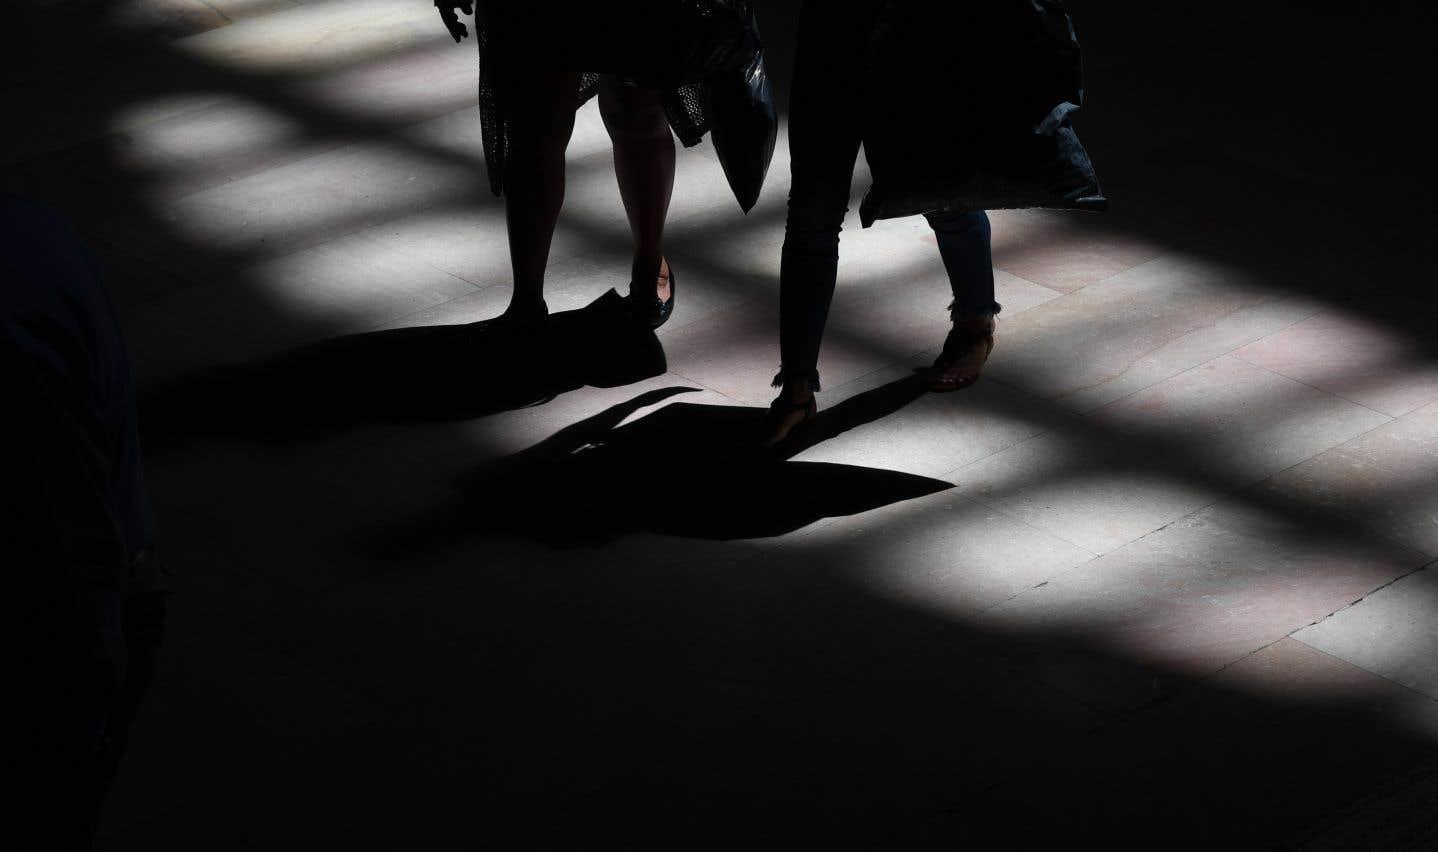 Les exclusions prévues par les contrats d'assurance responsabilité professionnelle ne devraient pas être opposables aux victimes d'inconduite sexuelle, estime l'auteur.